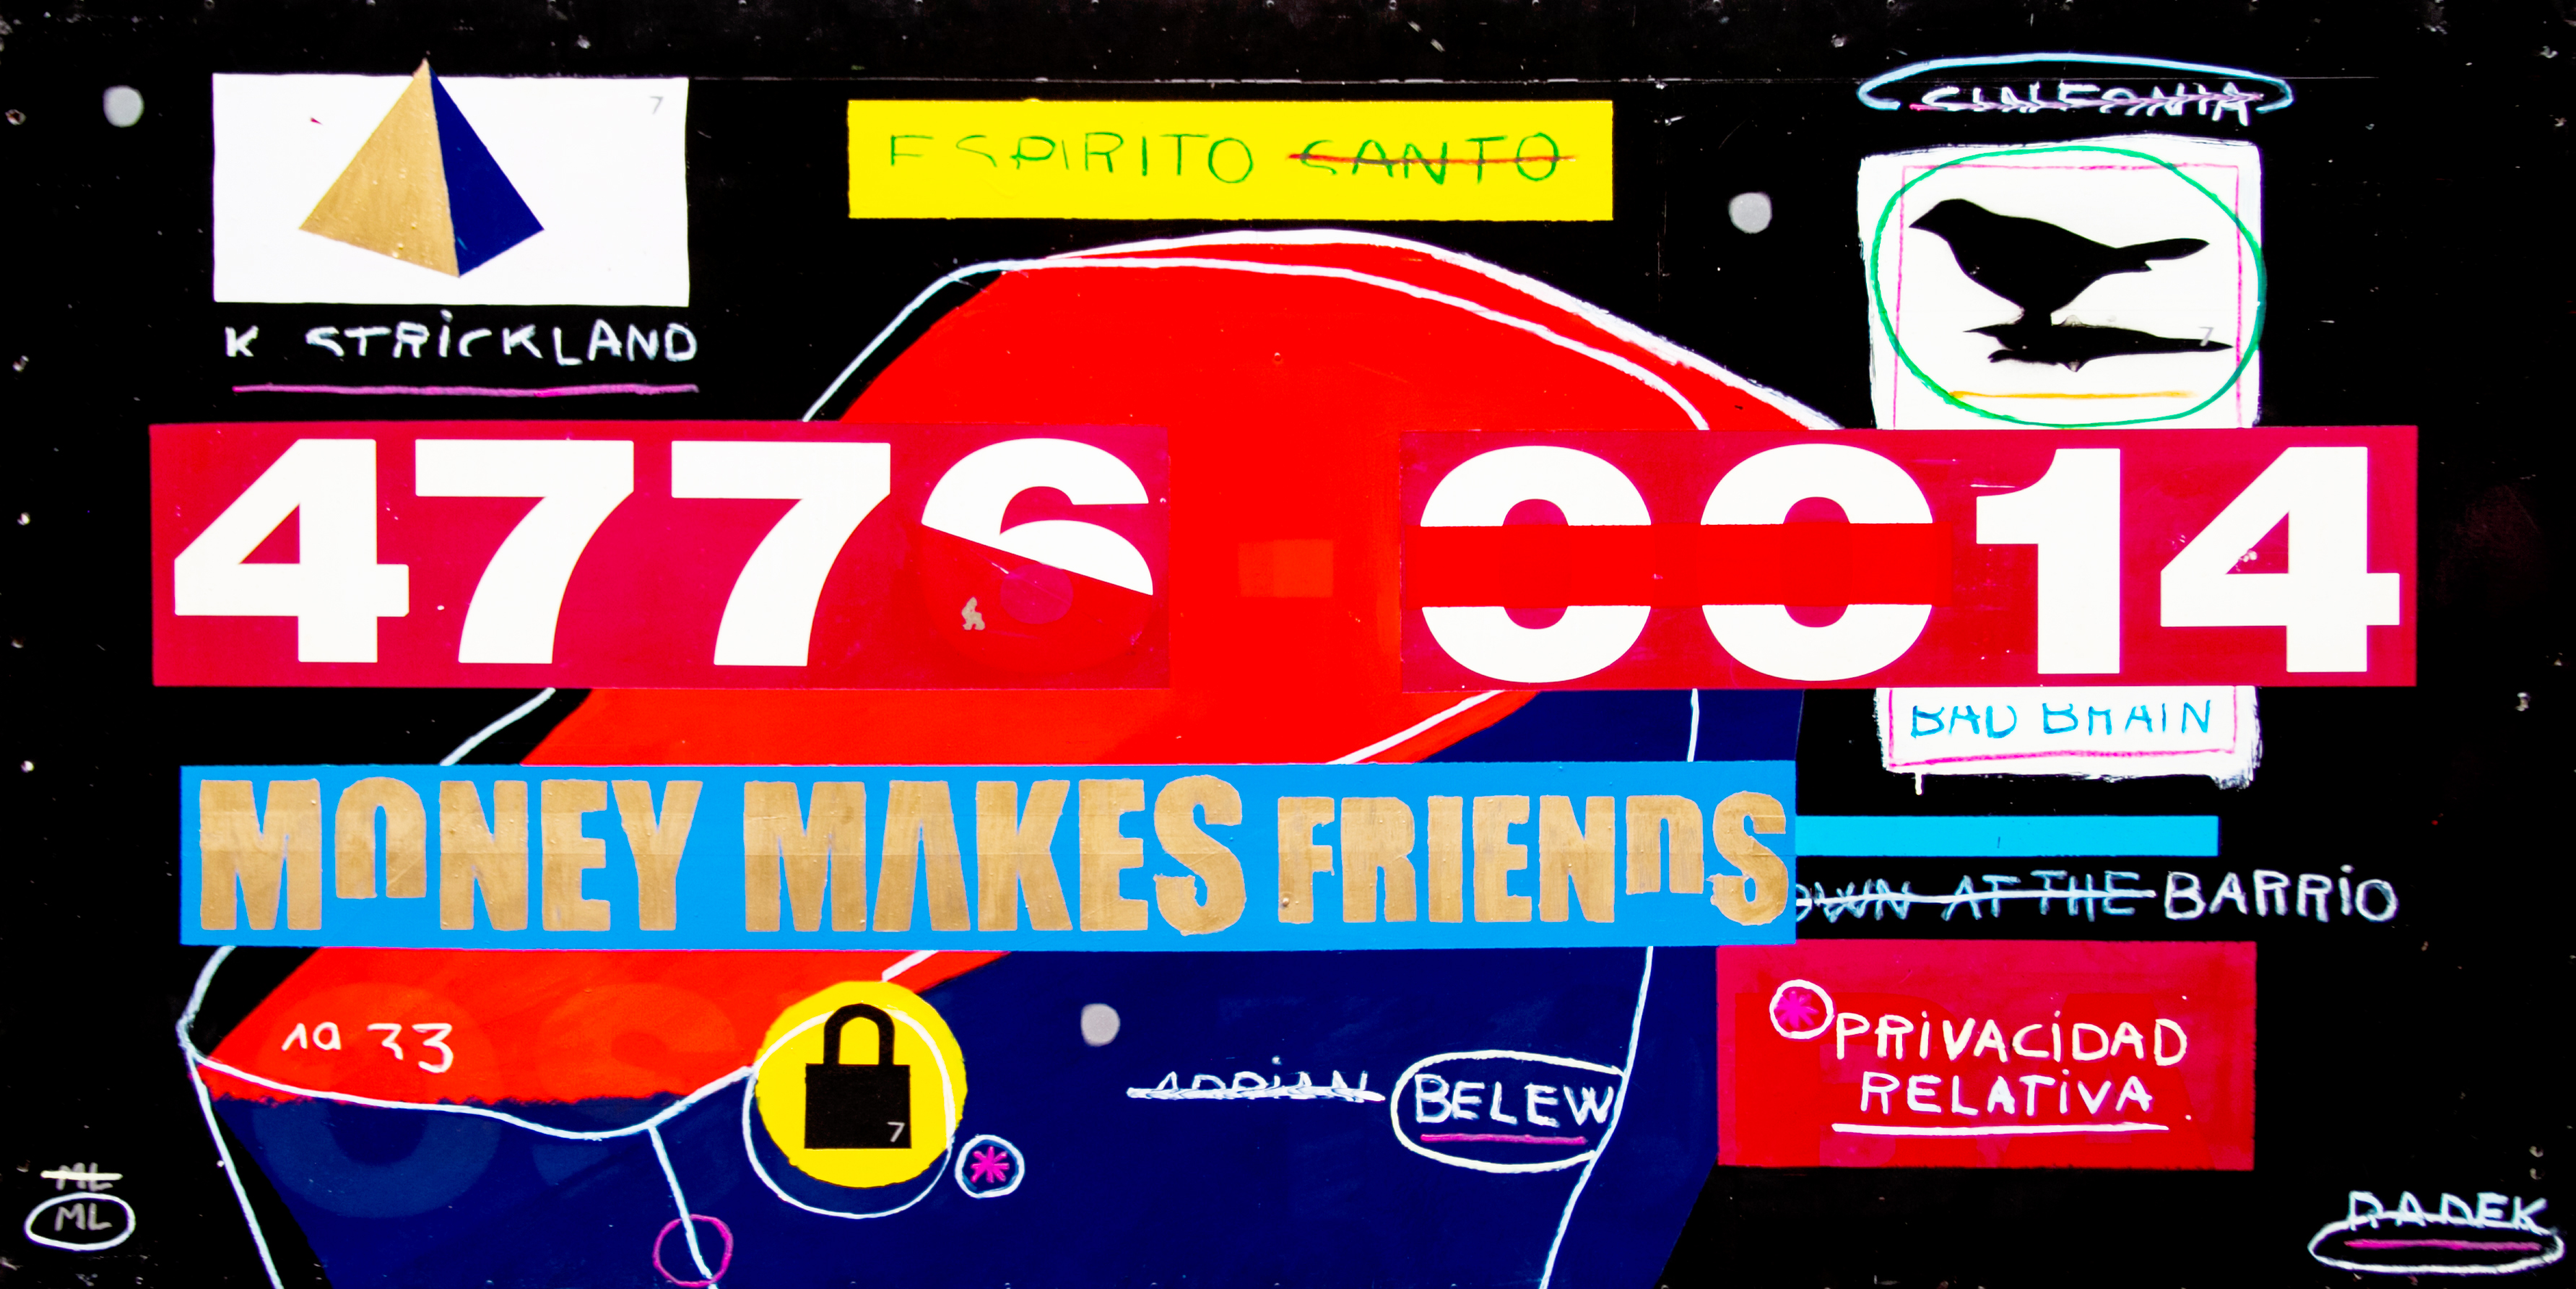 Money Make Friends